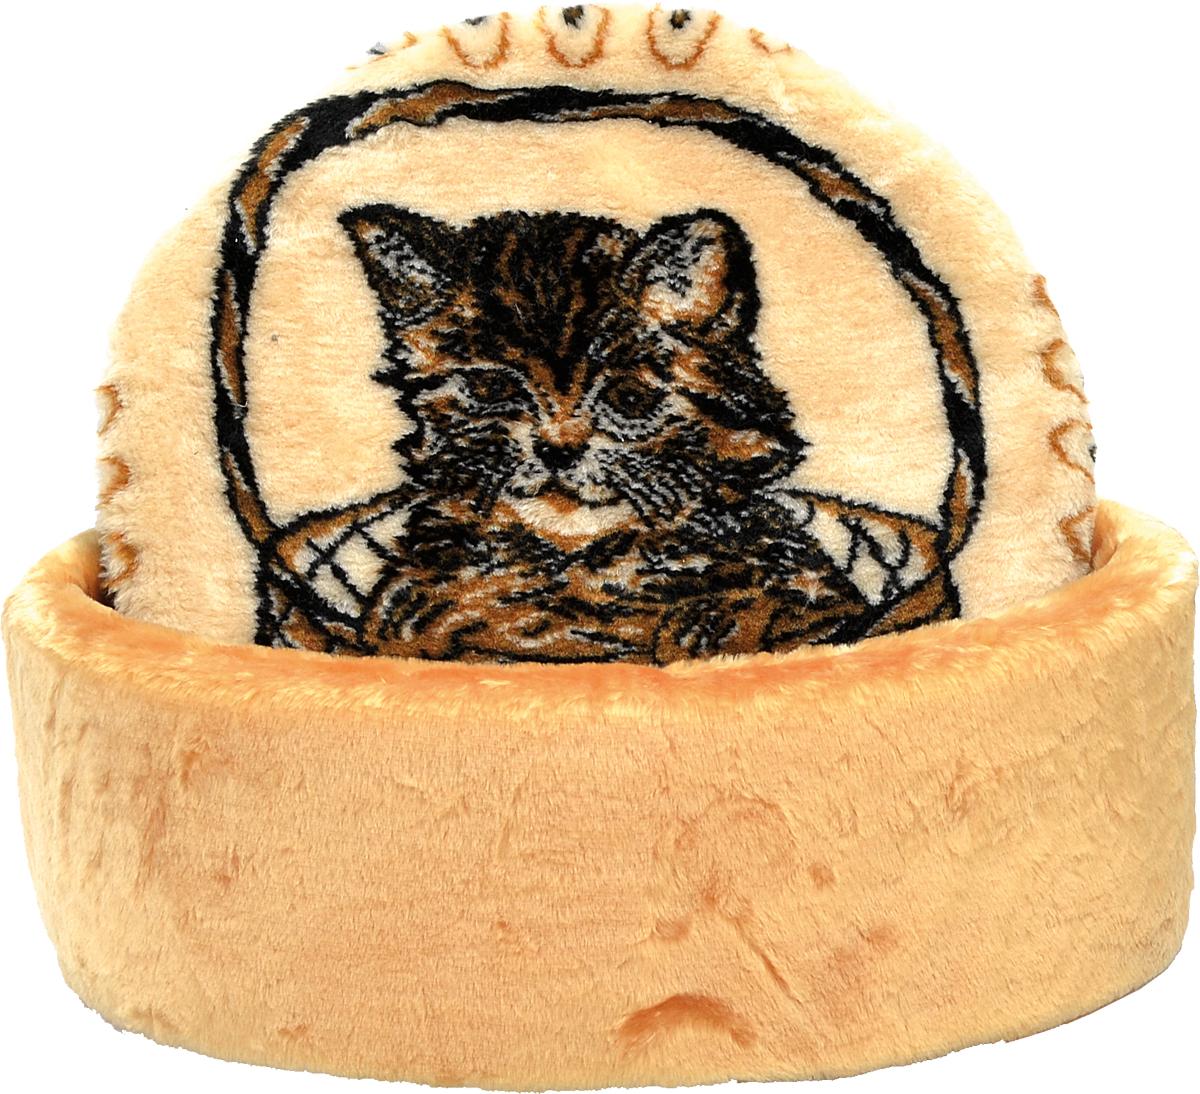 Лежак для животных Зооник Мурзик, цвет: бежевый, коричневый, 45 х 17 см22129Лежак для животных Зооник Мурзик прекрасно подойдет для отдыха вашего домашнего питомца. Предназначен для кошек и собак мелких пород. Изделие выполнено из высококачественного искусственного меха коричневого цвета. Лежак снабжен съемной мягкой подушкой с изображением котенка. Комфортный и уютный лежак обязательно понравится вашему питомцу, животное сможет там отдохнуть и выспаться. Диаметр лежака: 45 см. Высота лежака: 17 см. Состав: искусственный мех.